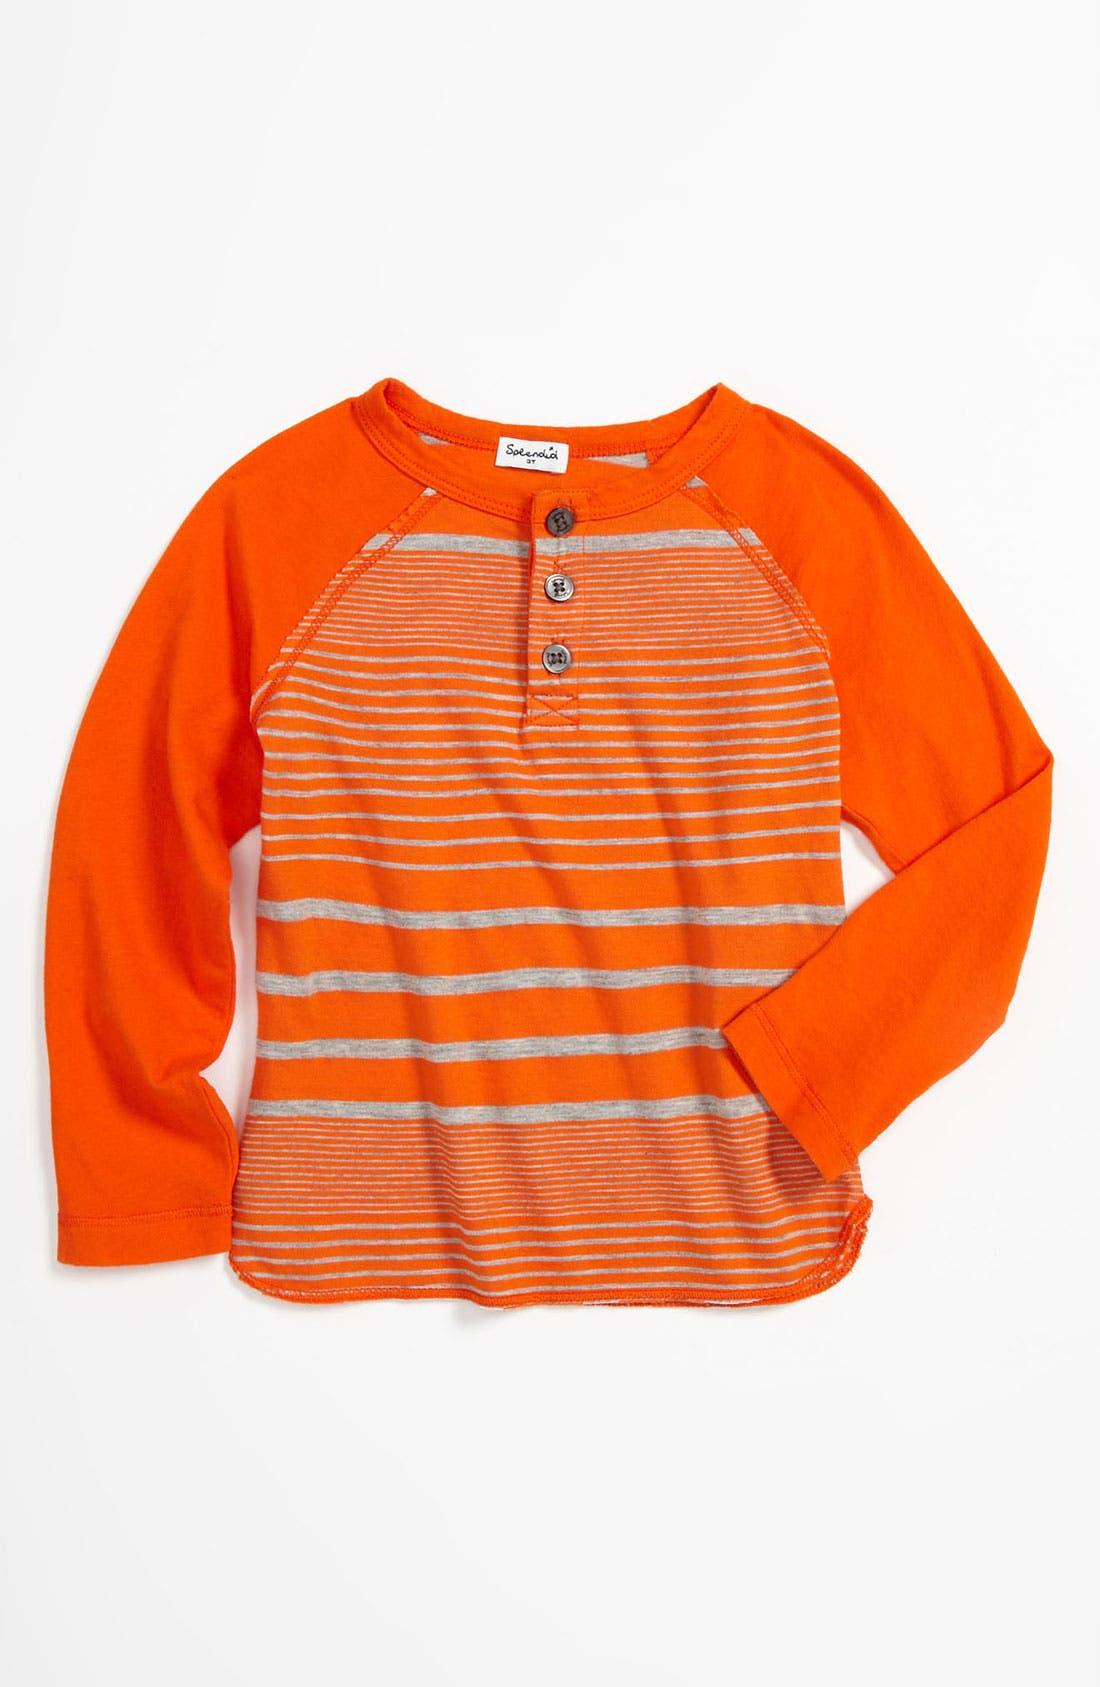 Main Image - Splendid Long Sleeve T-Shirt (Toddler)